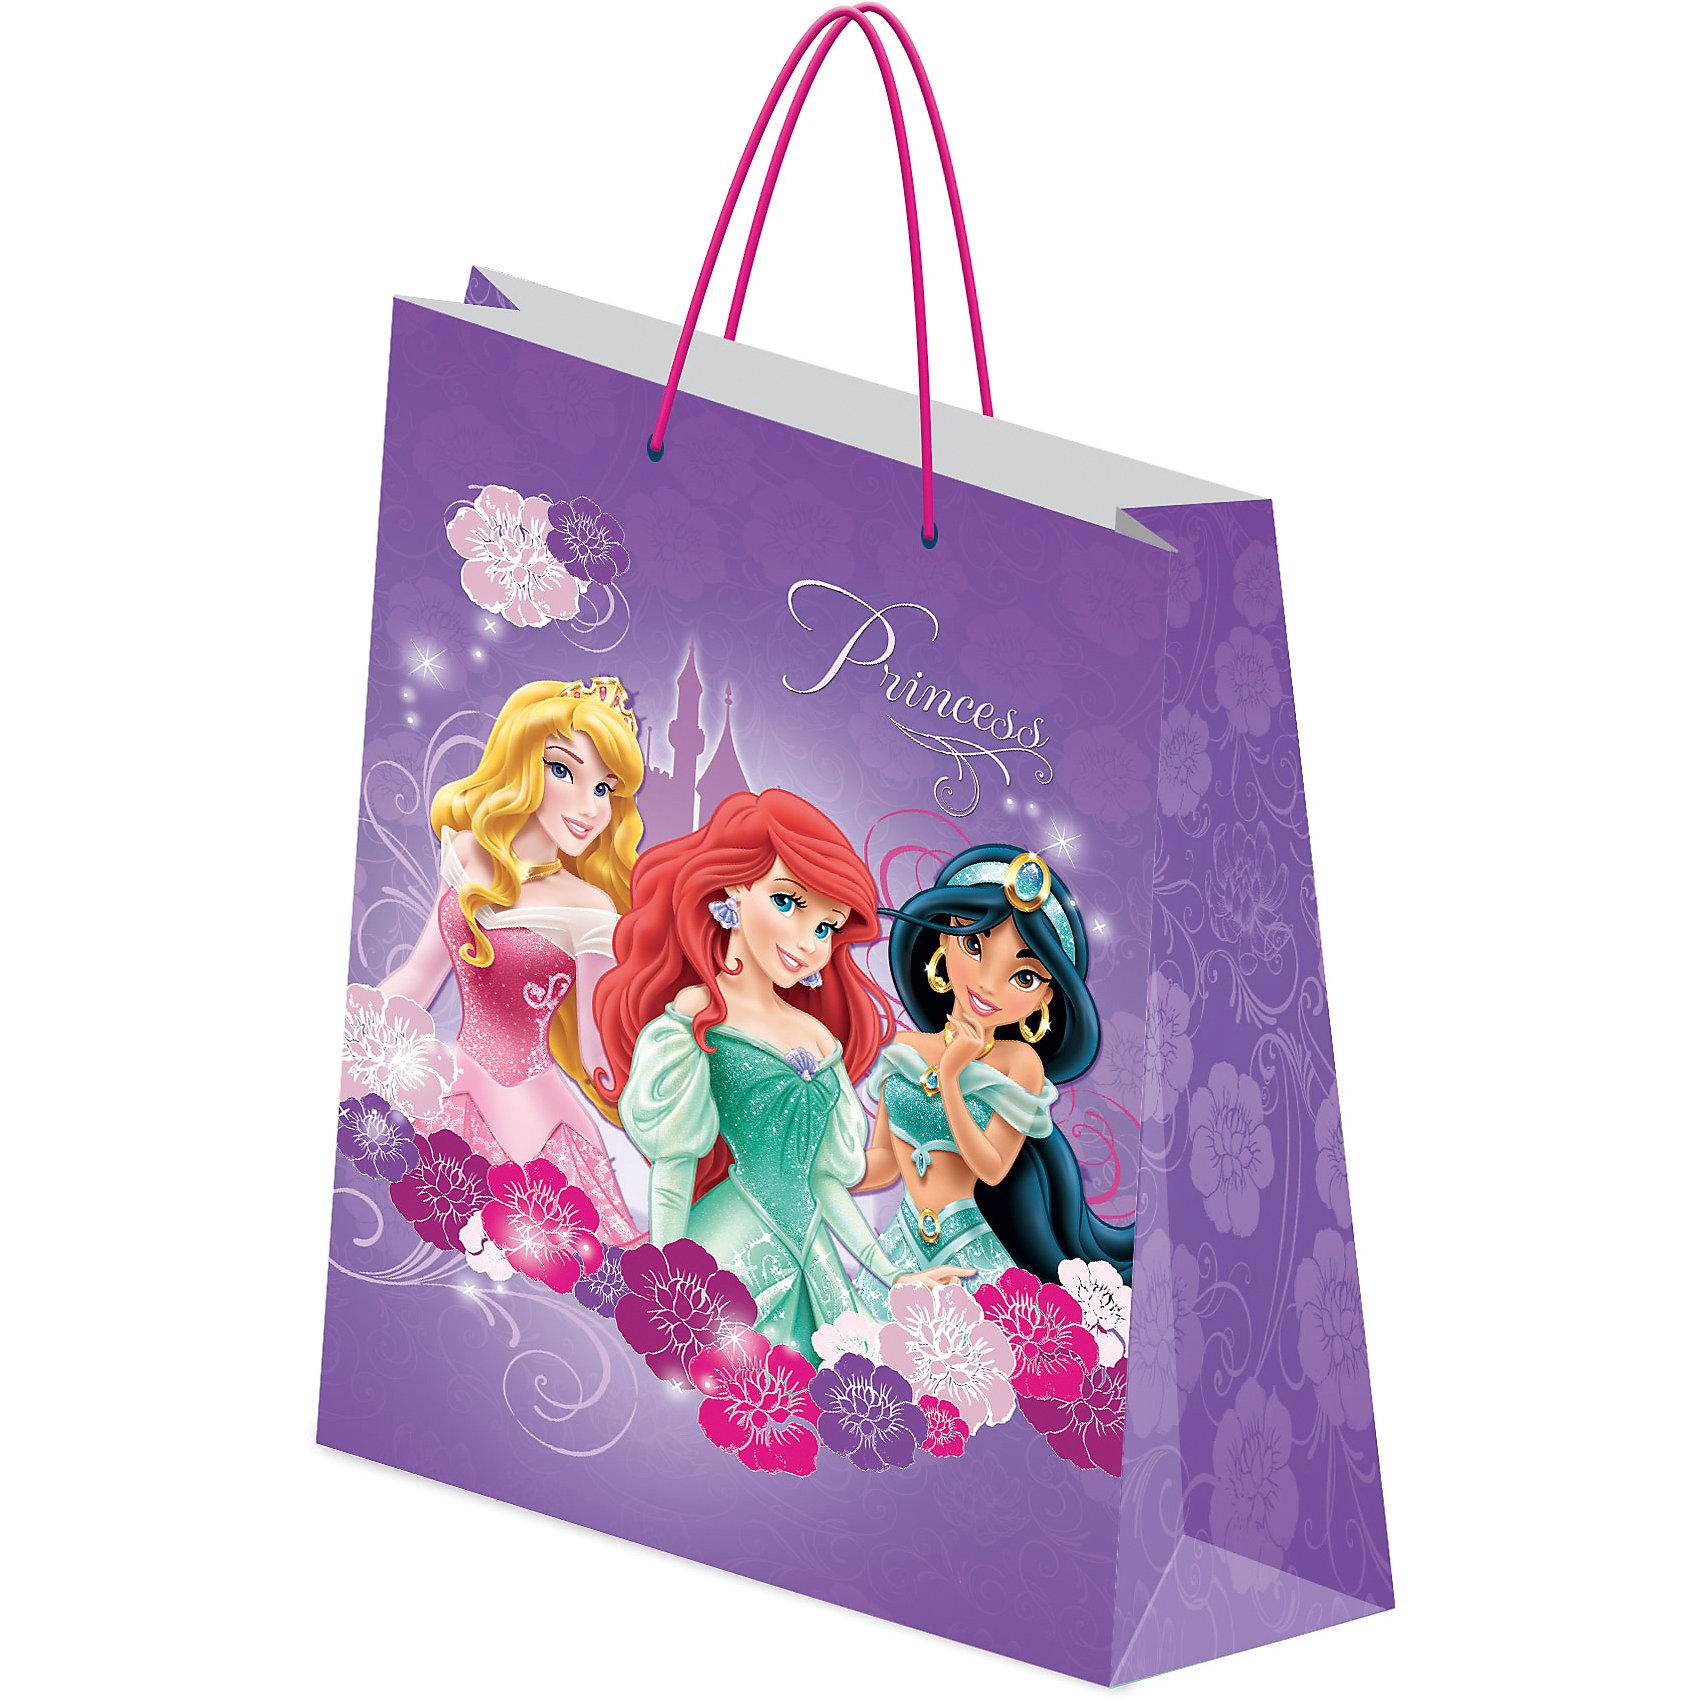 Подарочный пакет Принцессы Дисней 33*43*10 смКрасиво упакованный подарок приятно получать вдвойне! Яркий пакет с любимыми героями станет прекрасным дополнением к любому подарку. <br><br>Дополнительная информация:<br><br>- Материал: бумага.<br>- Размер: 33х43х10 см. <br>- Эффект: матовая ламинация. <br><br>Подарочный пакет Принцессы Дисней (Disney princess) 33х43х10 см, можно купить в нашем магазине.<br><br>Ширина мм: 330<br>Глубина мм: 100<br>Высота мм: 430<br>Вес г: 100<br>Возраст от месяцев: 48<br>Возраст до месяцев: 84<br>Пол: Женский<br>Возраст: Детский<br>SKU: 4319914